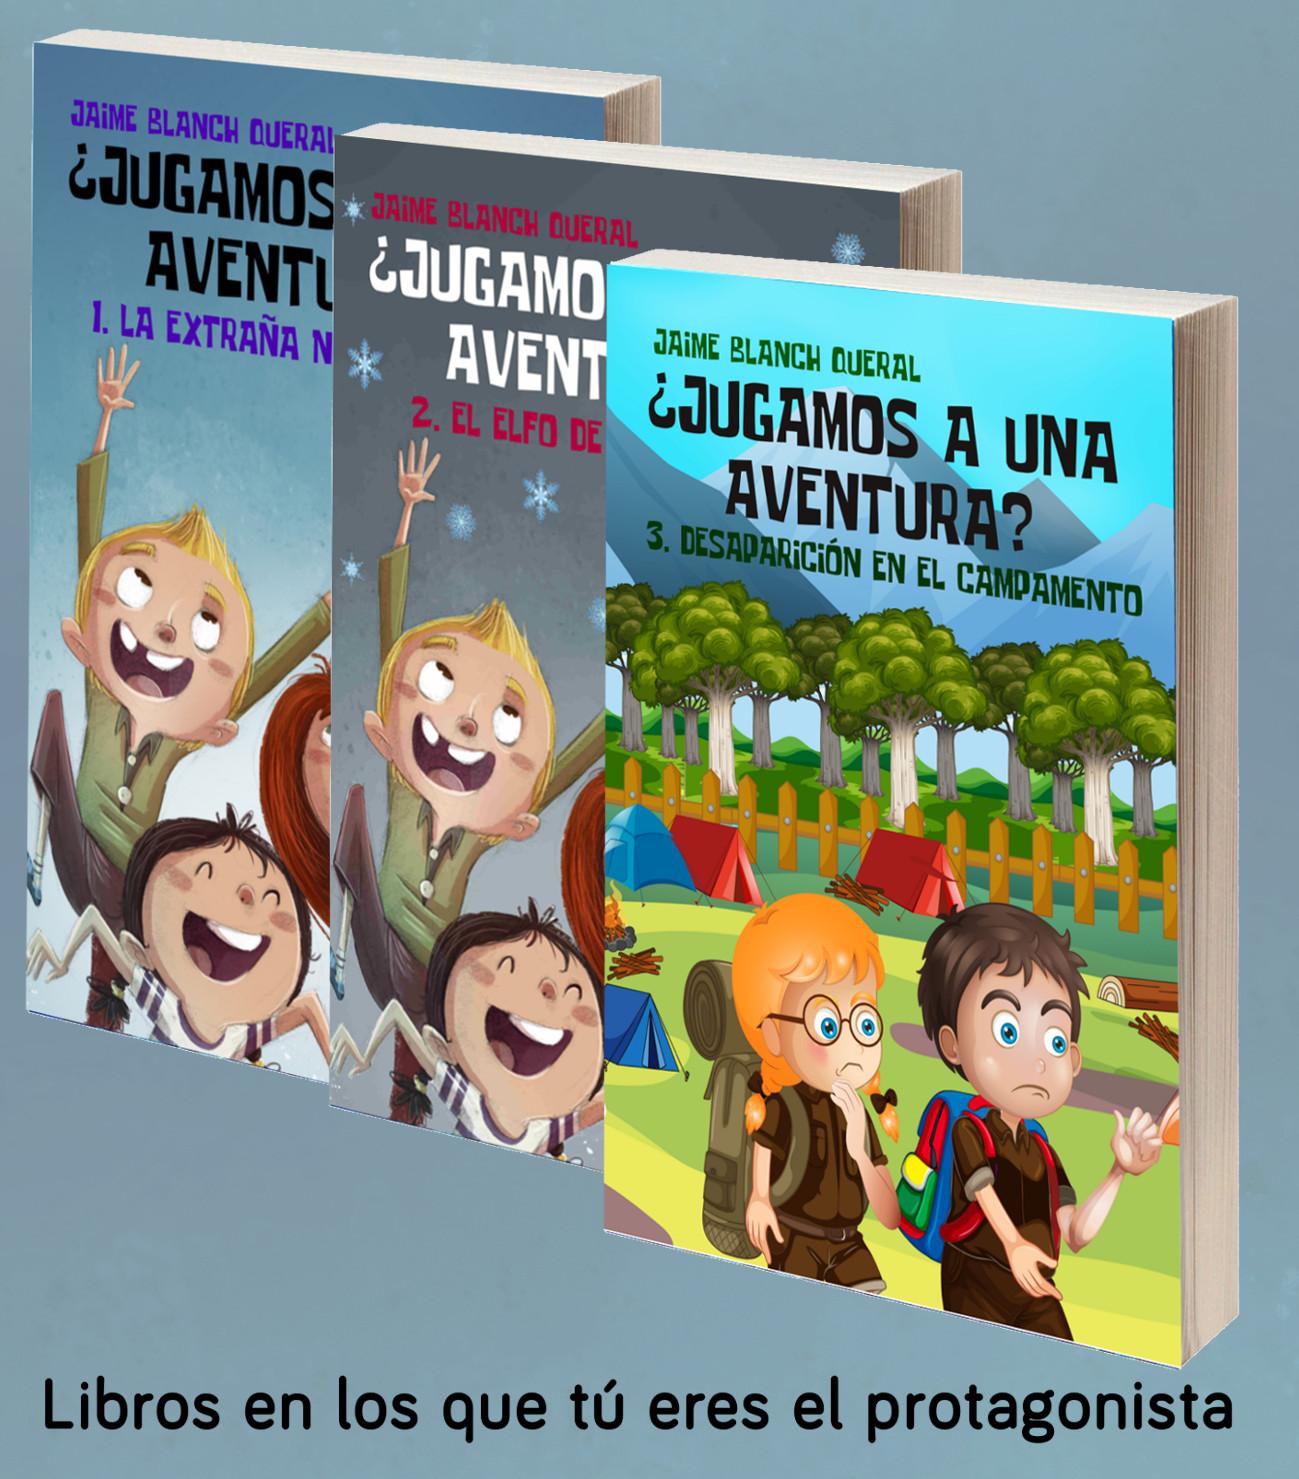 Colección de libro-juegos ¿Jugamos a una aventura? Libros donde el lector es el protagonista. A partir de 7 años.